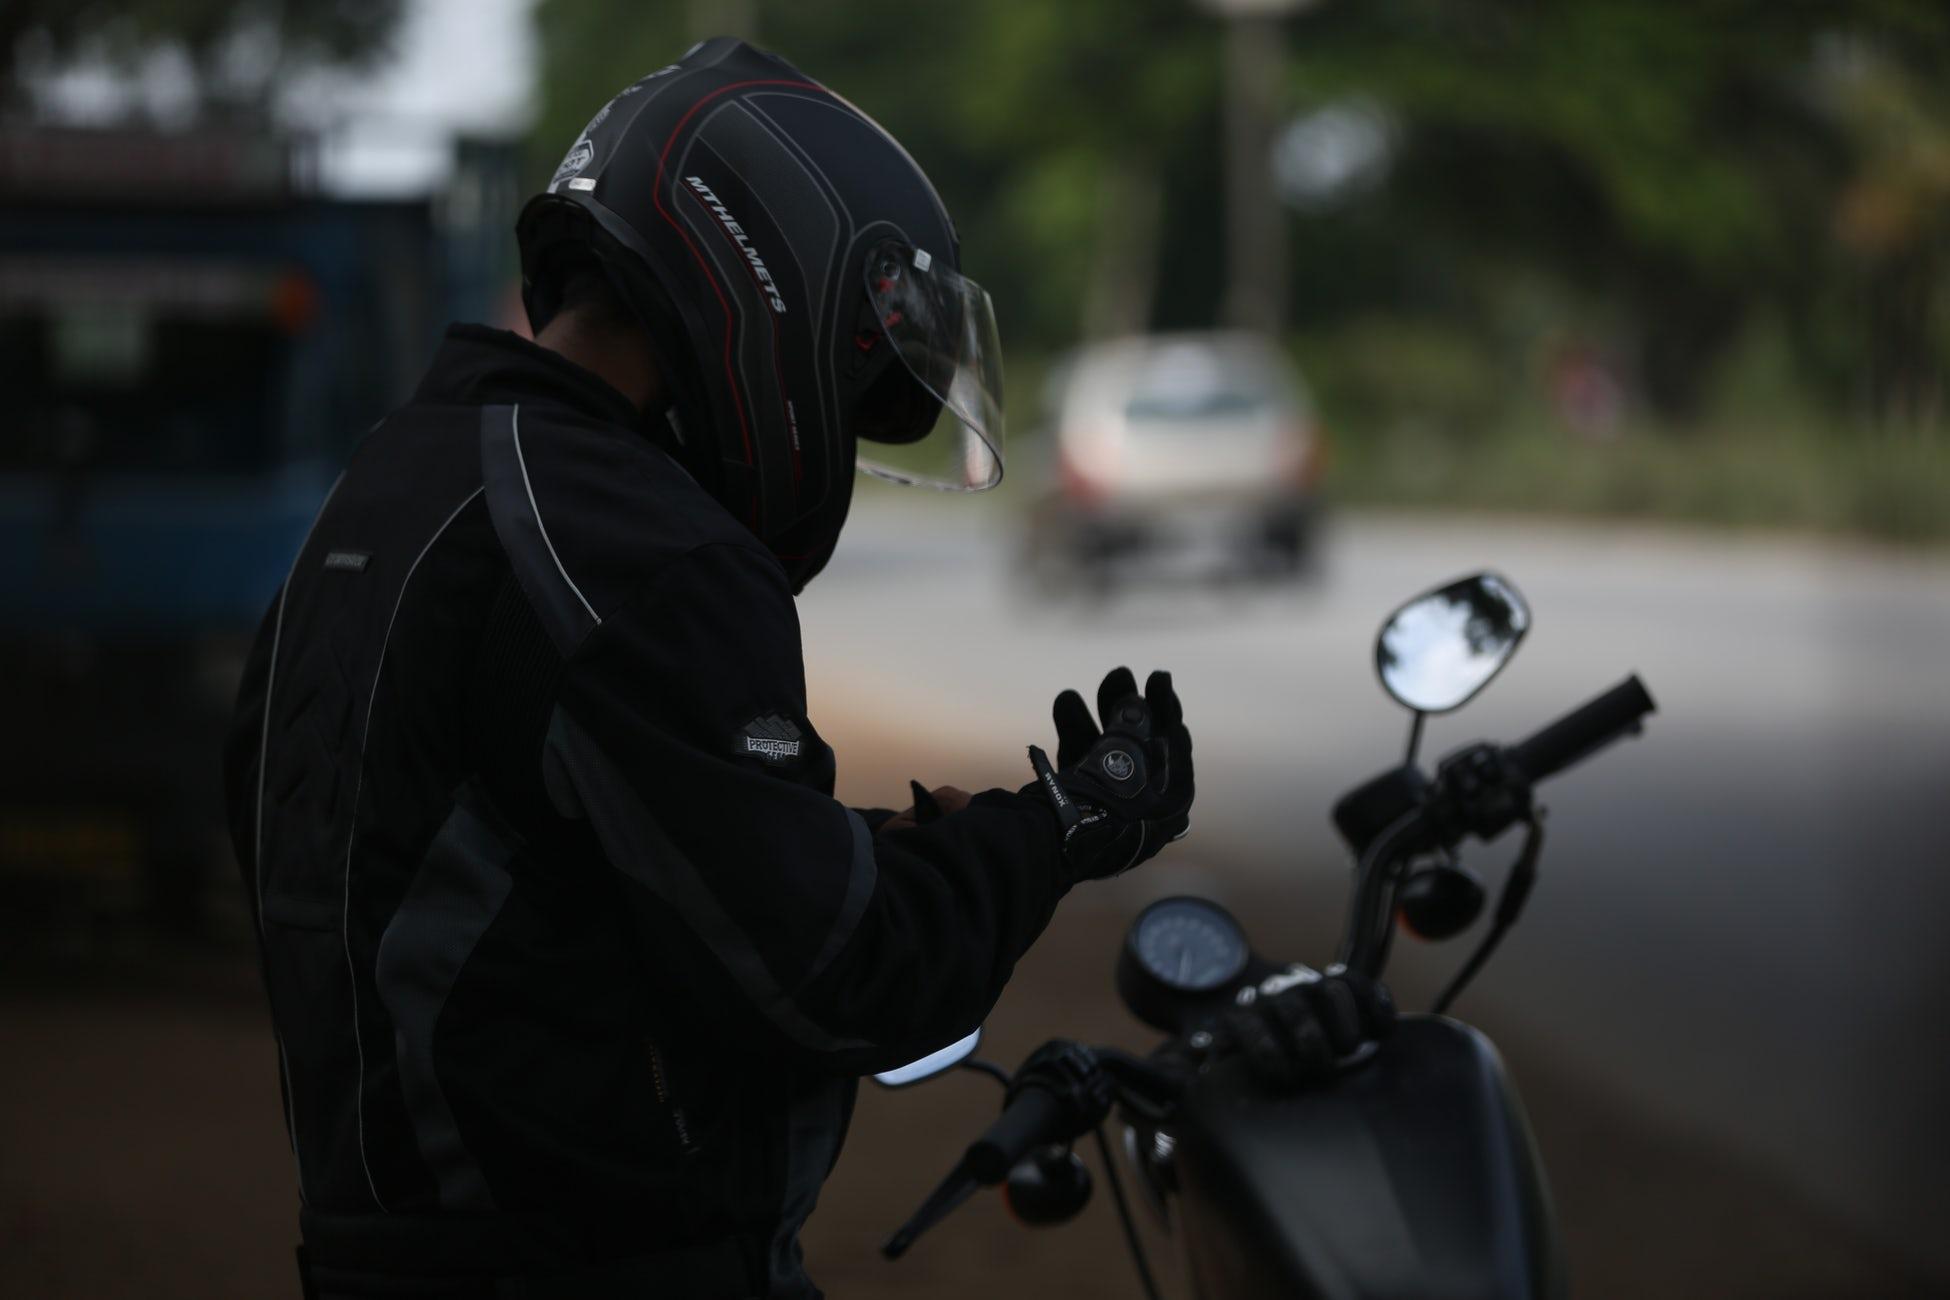 Accessoires de moto : munissez-vous des indispensables !